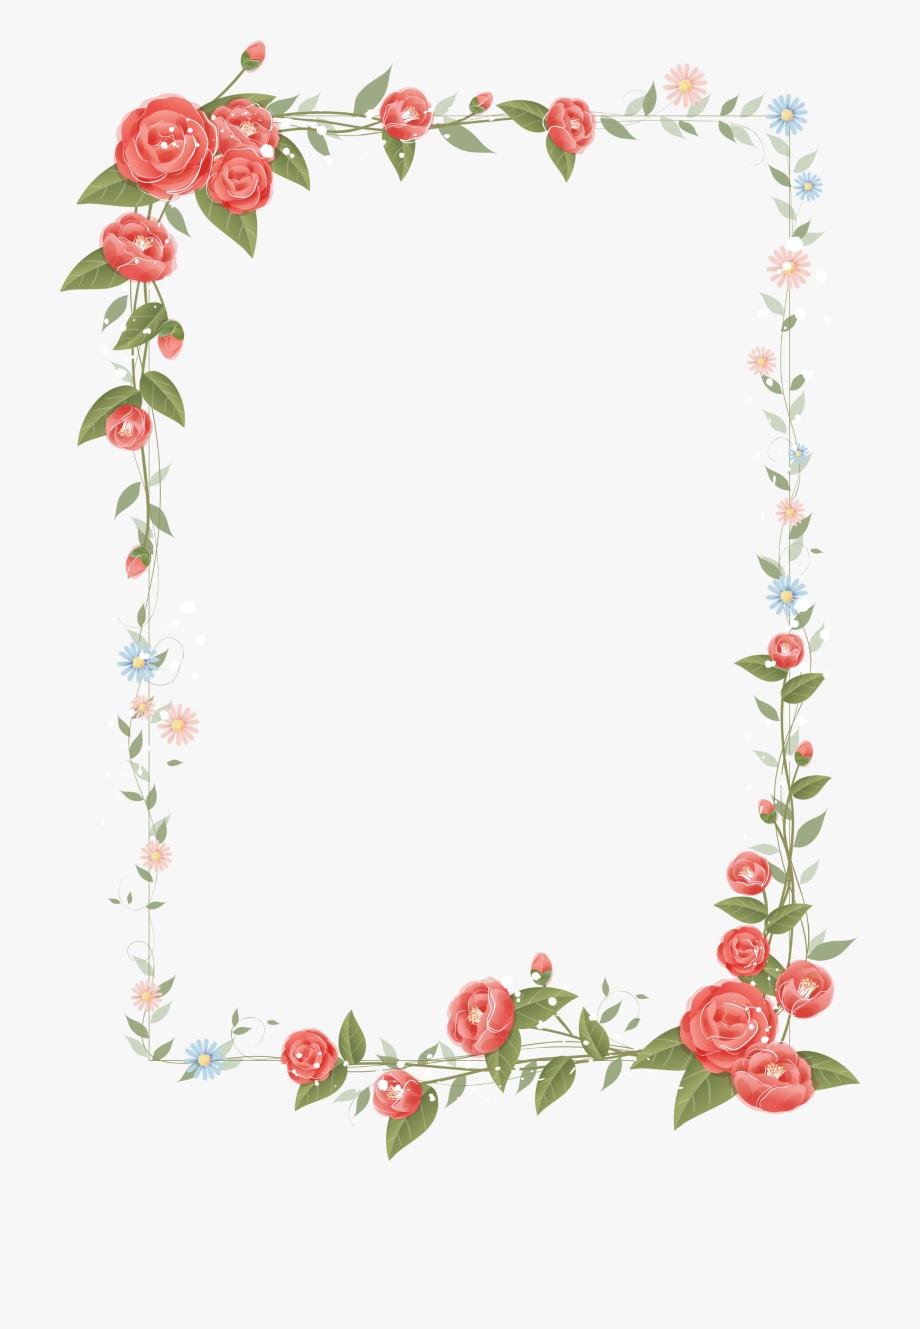 Transparent flower frame